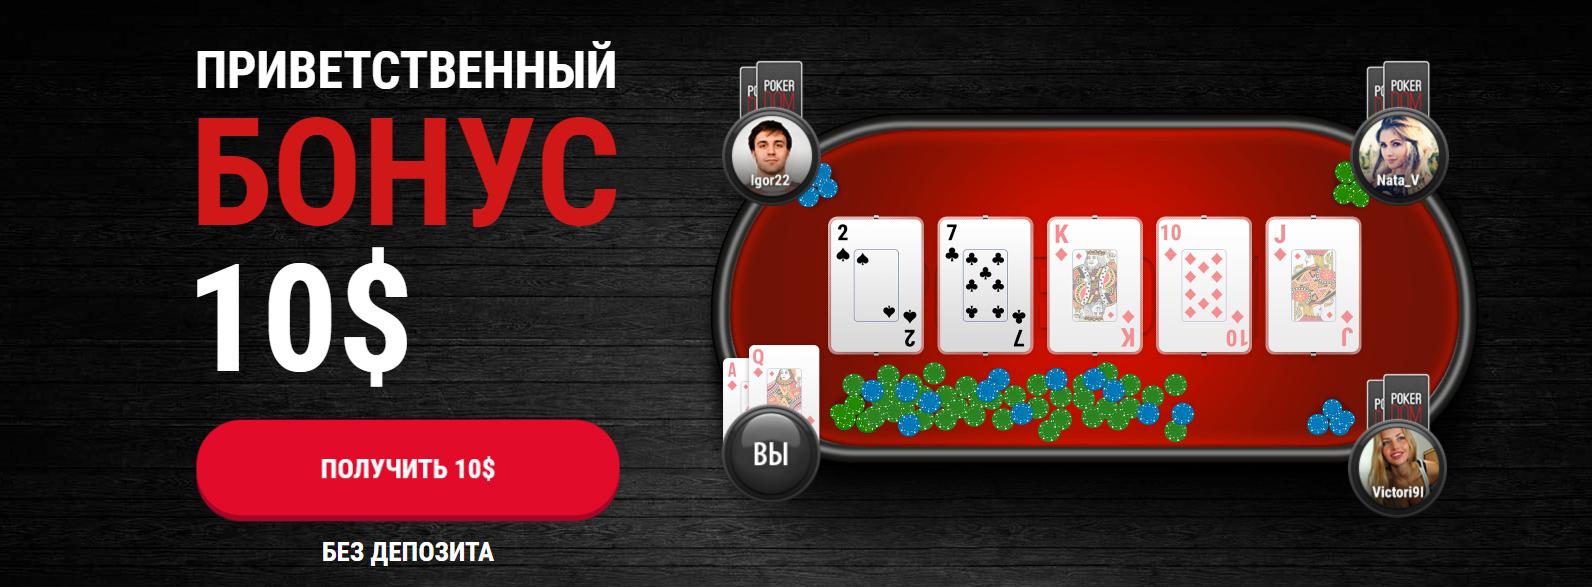 Казино россии интернет игровые автоматы столбики пяточки